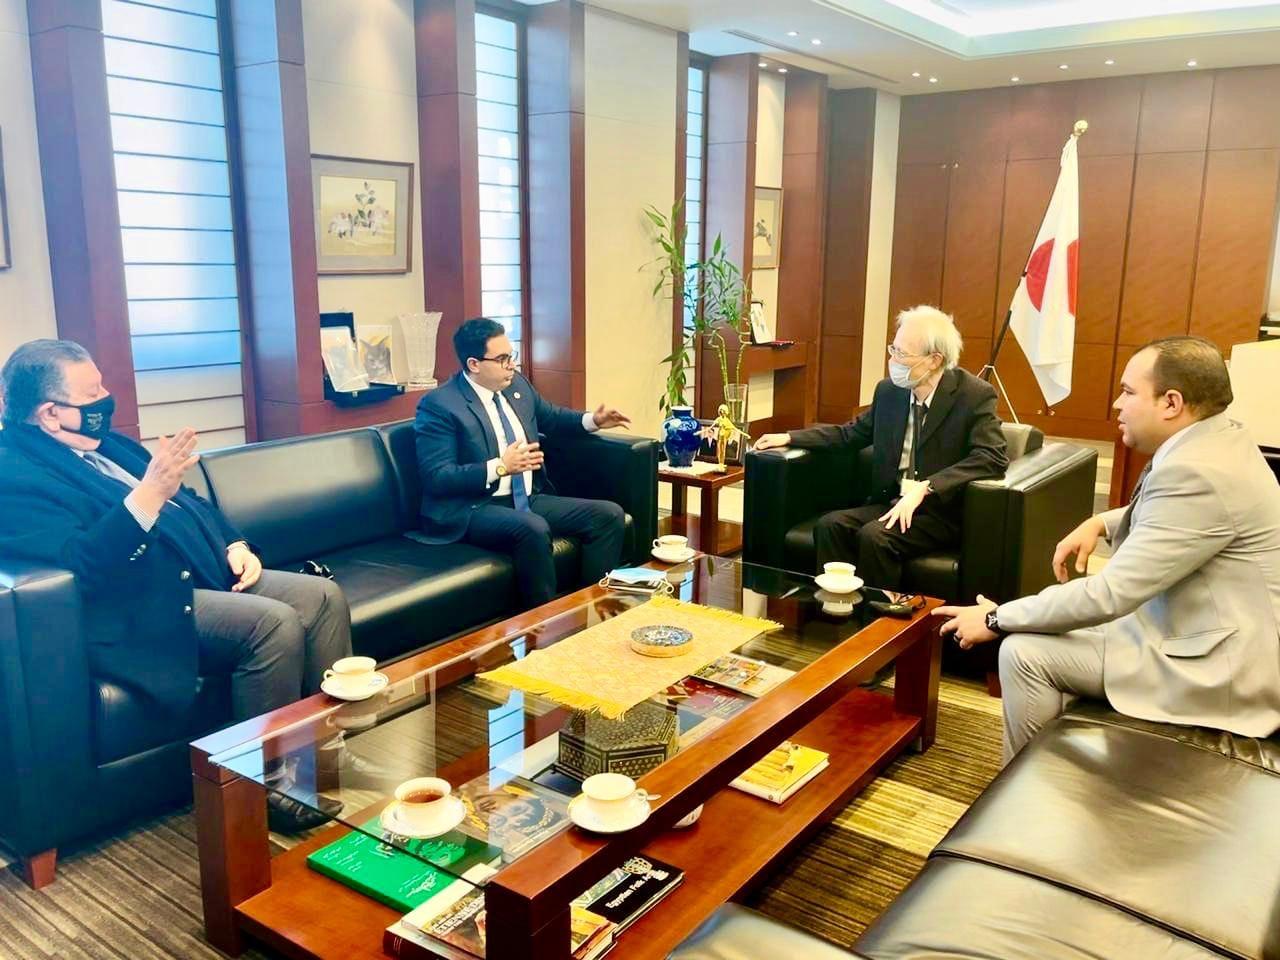 سفير اليابان لرئيس حزب المؤتمر: نتطلع لتوسيع أوجه التعاون مع مصر